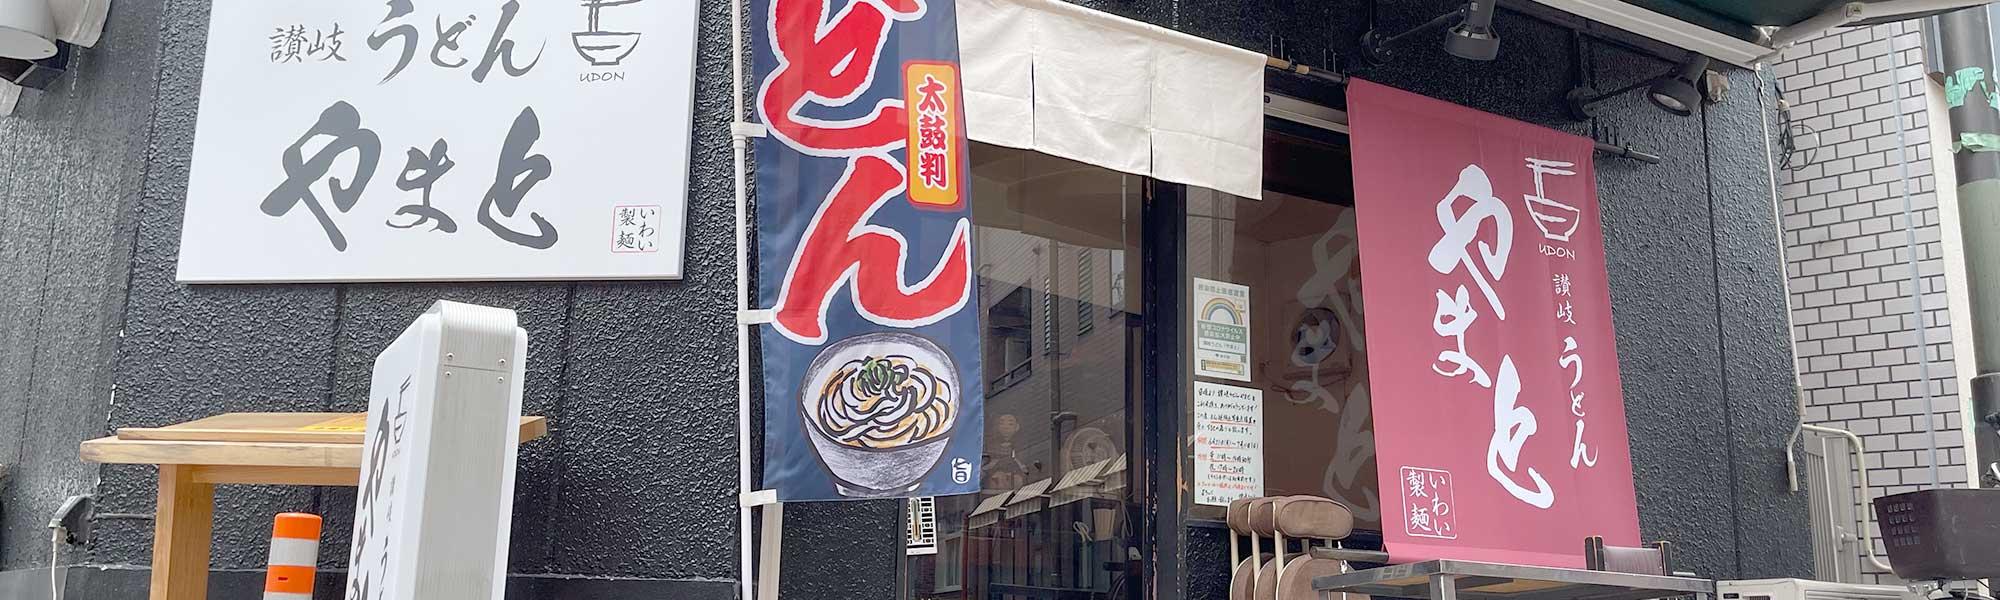 讃岐うどんやまとの店舗外観イメージ